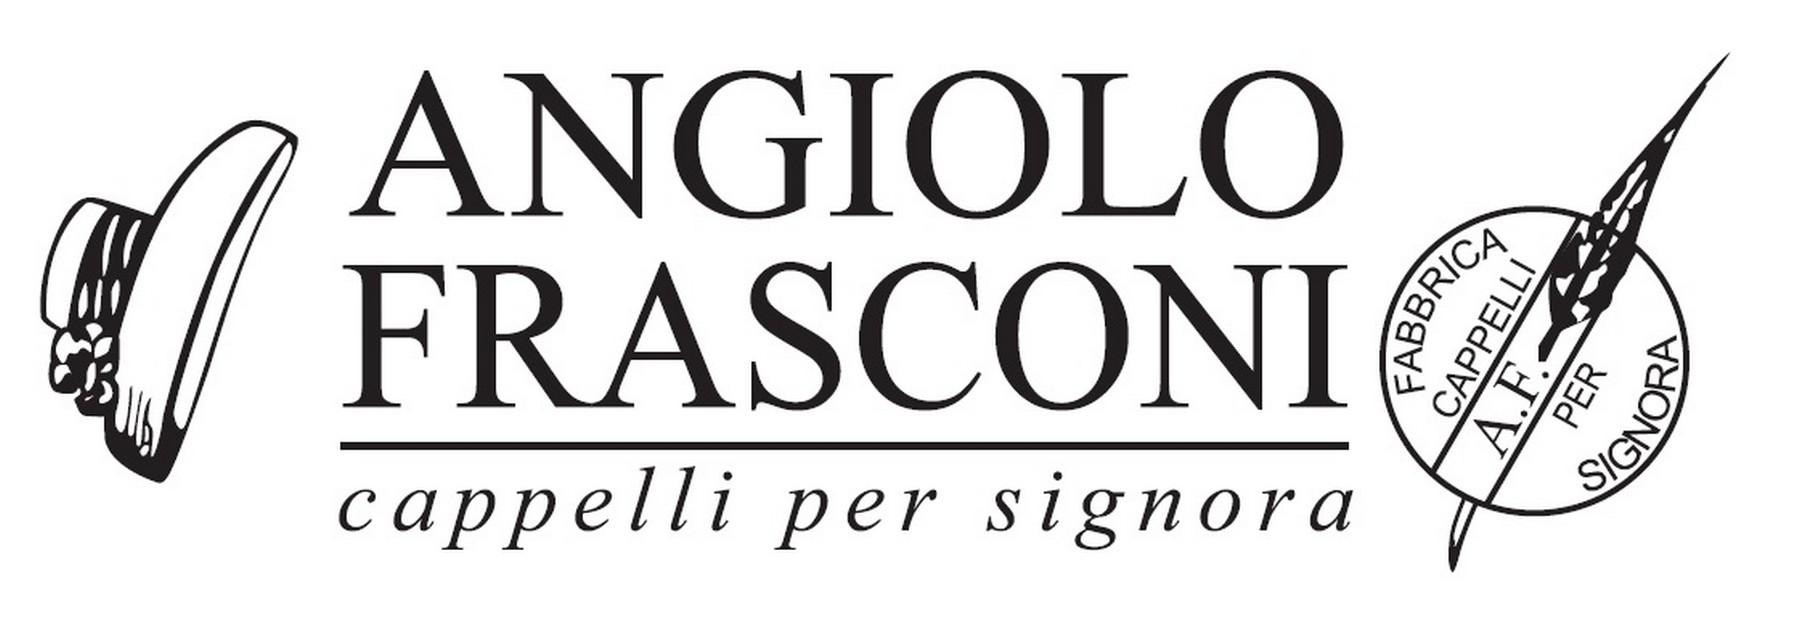 Angiolo Frasconi